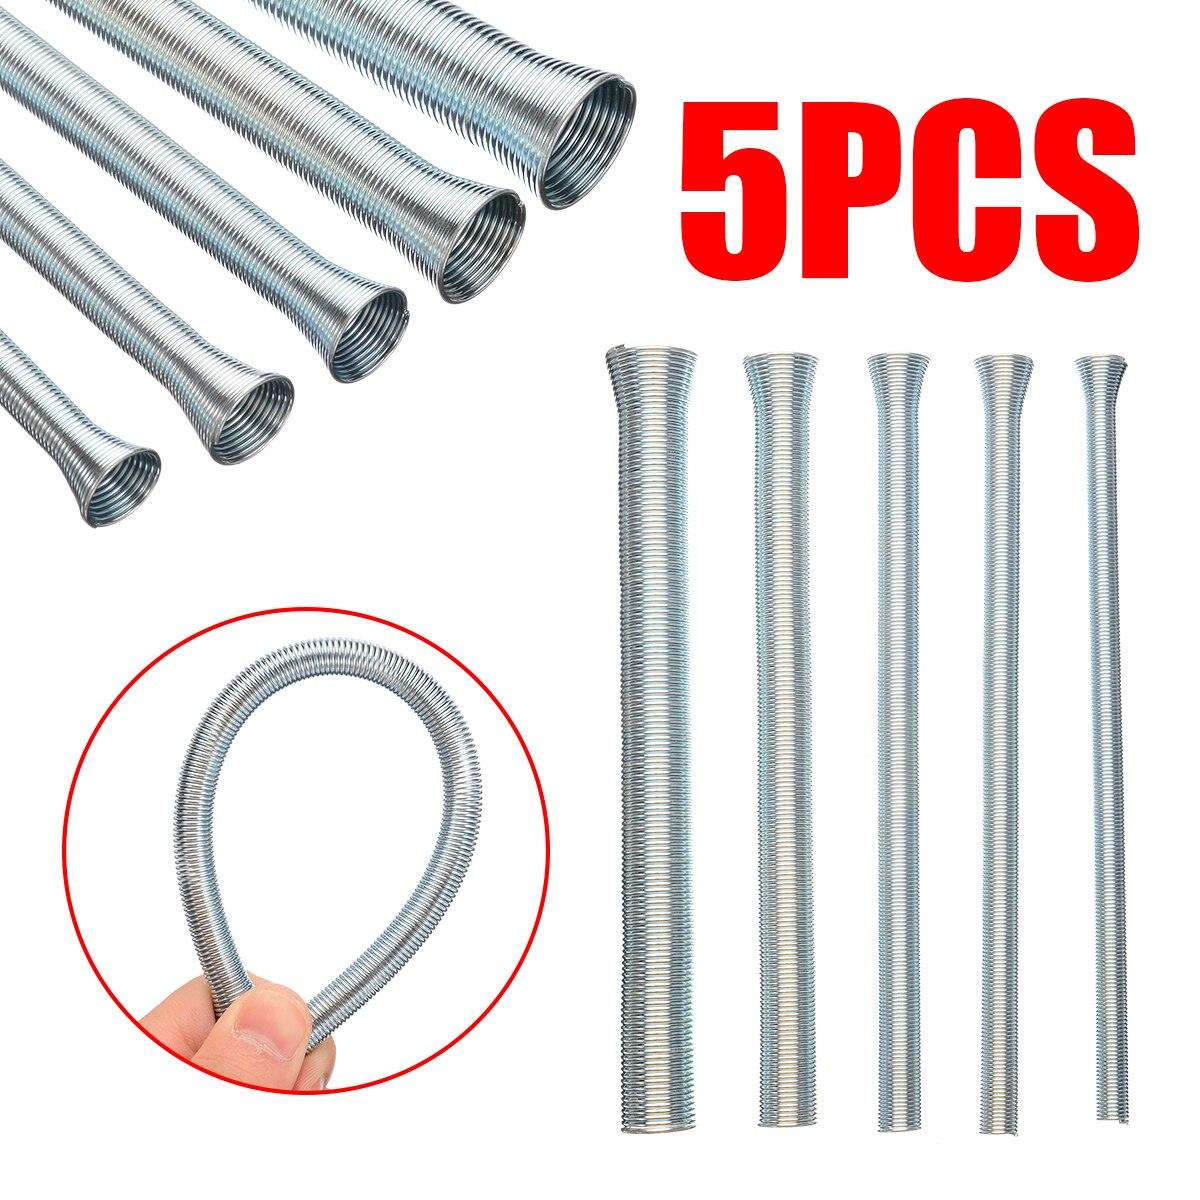 5pcs New CT-102-L Spring Pipe Bender 21cm Length Spring Tube Bender Sets 1/4